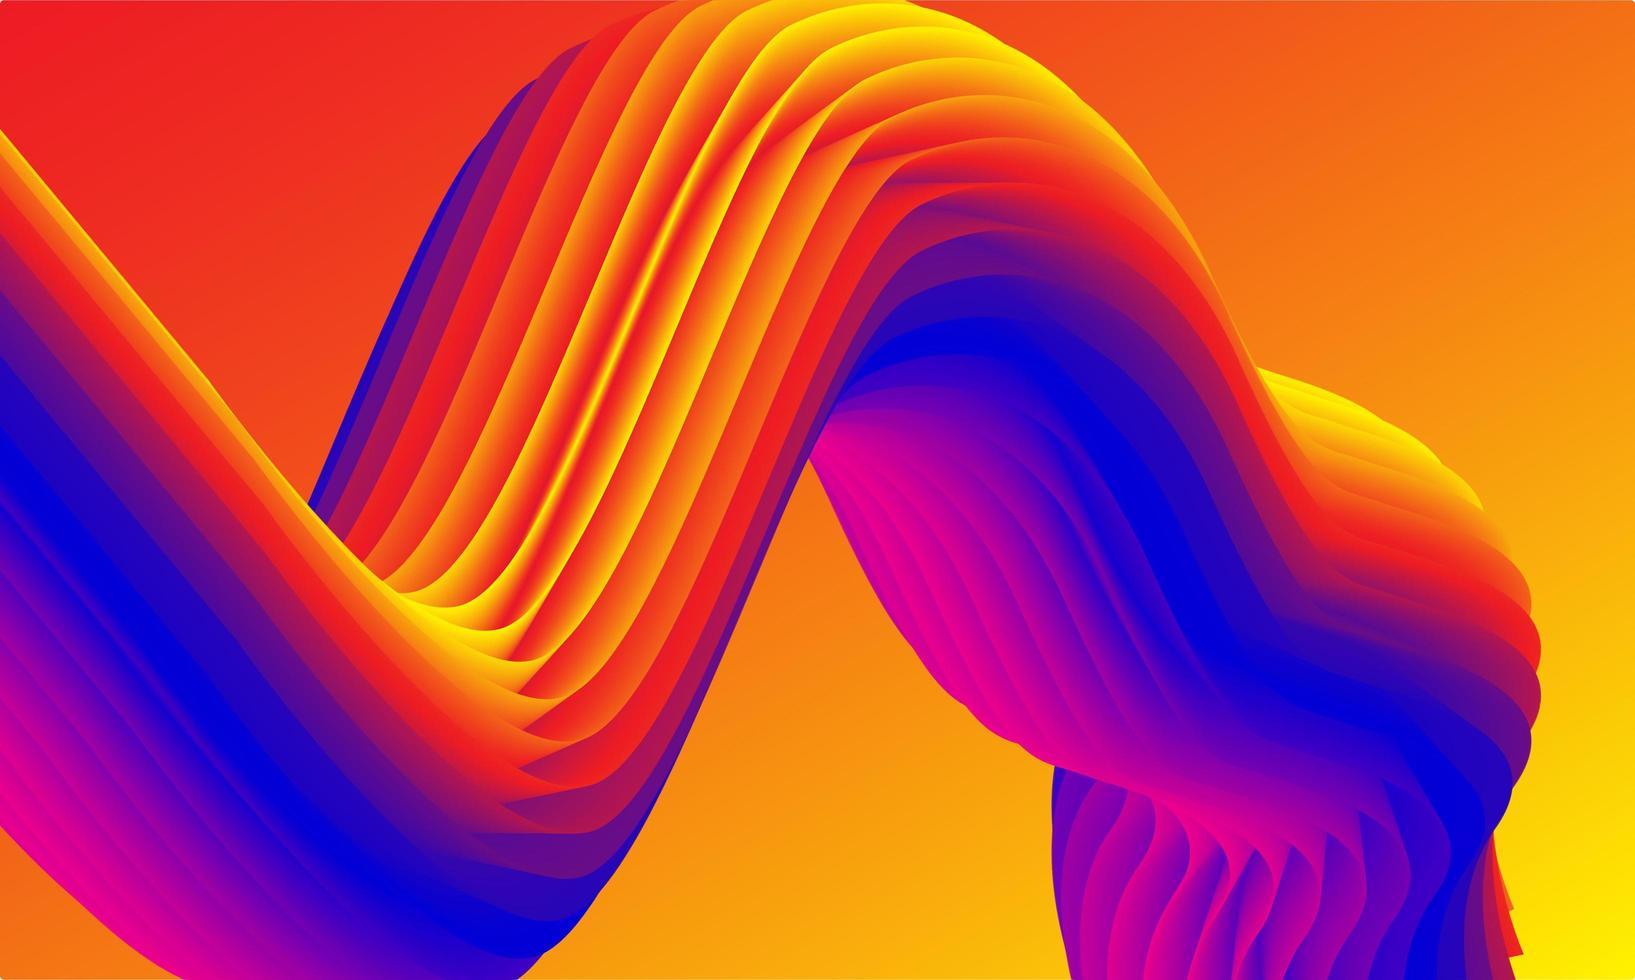 épico colorido túnel diseño 3d vector